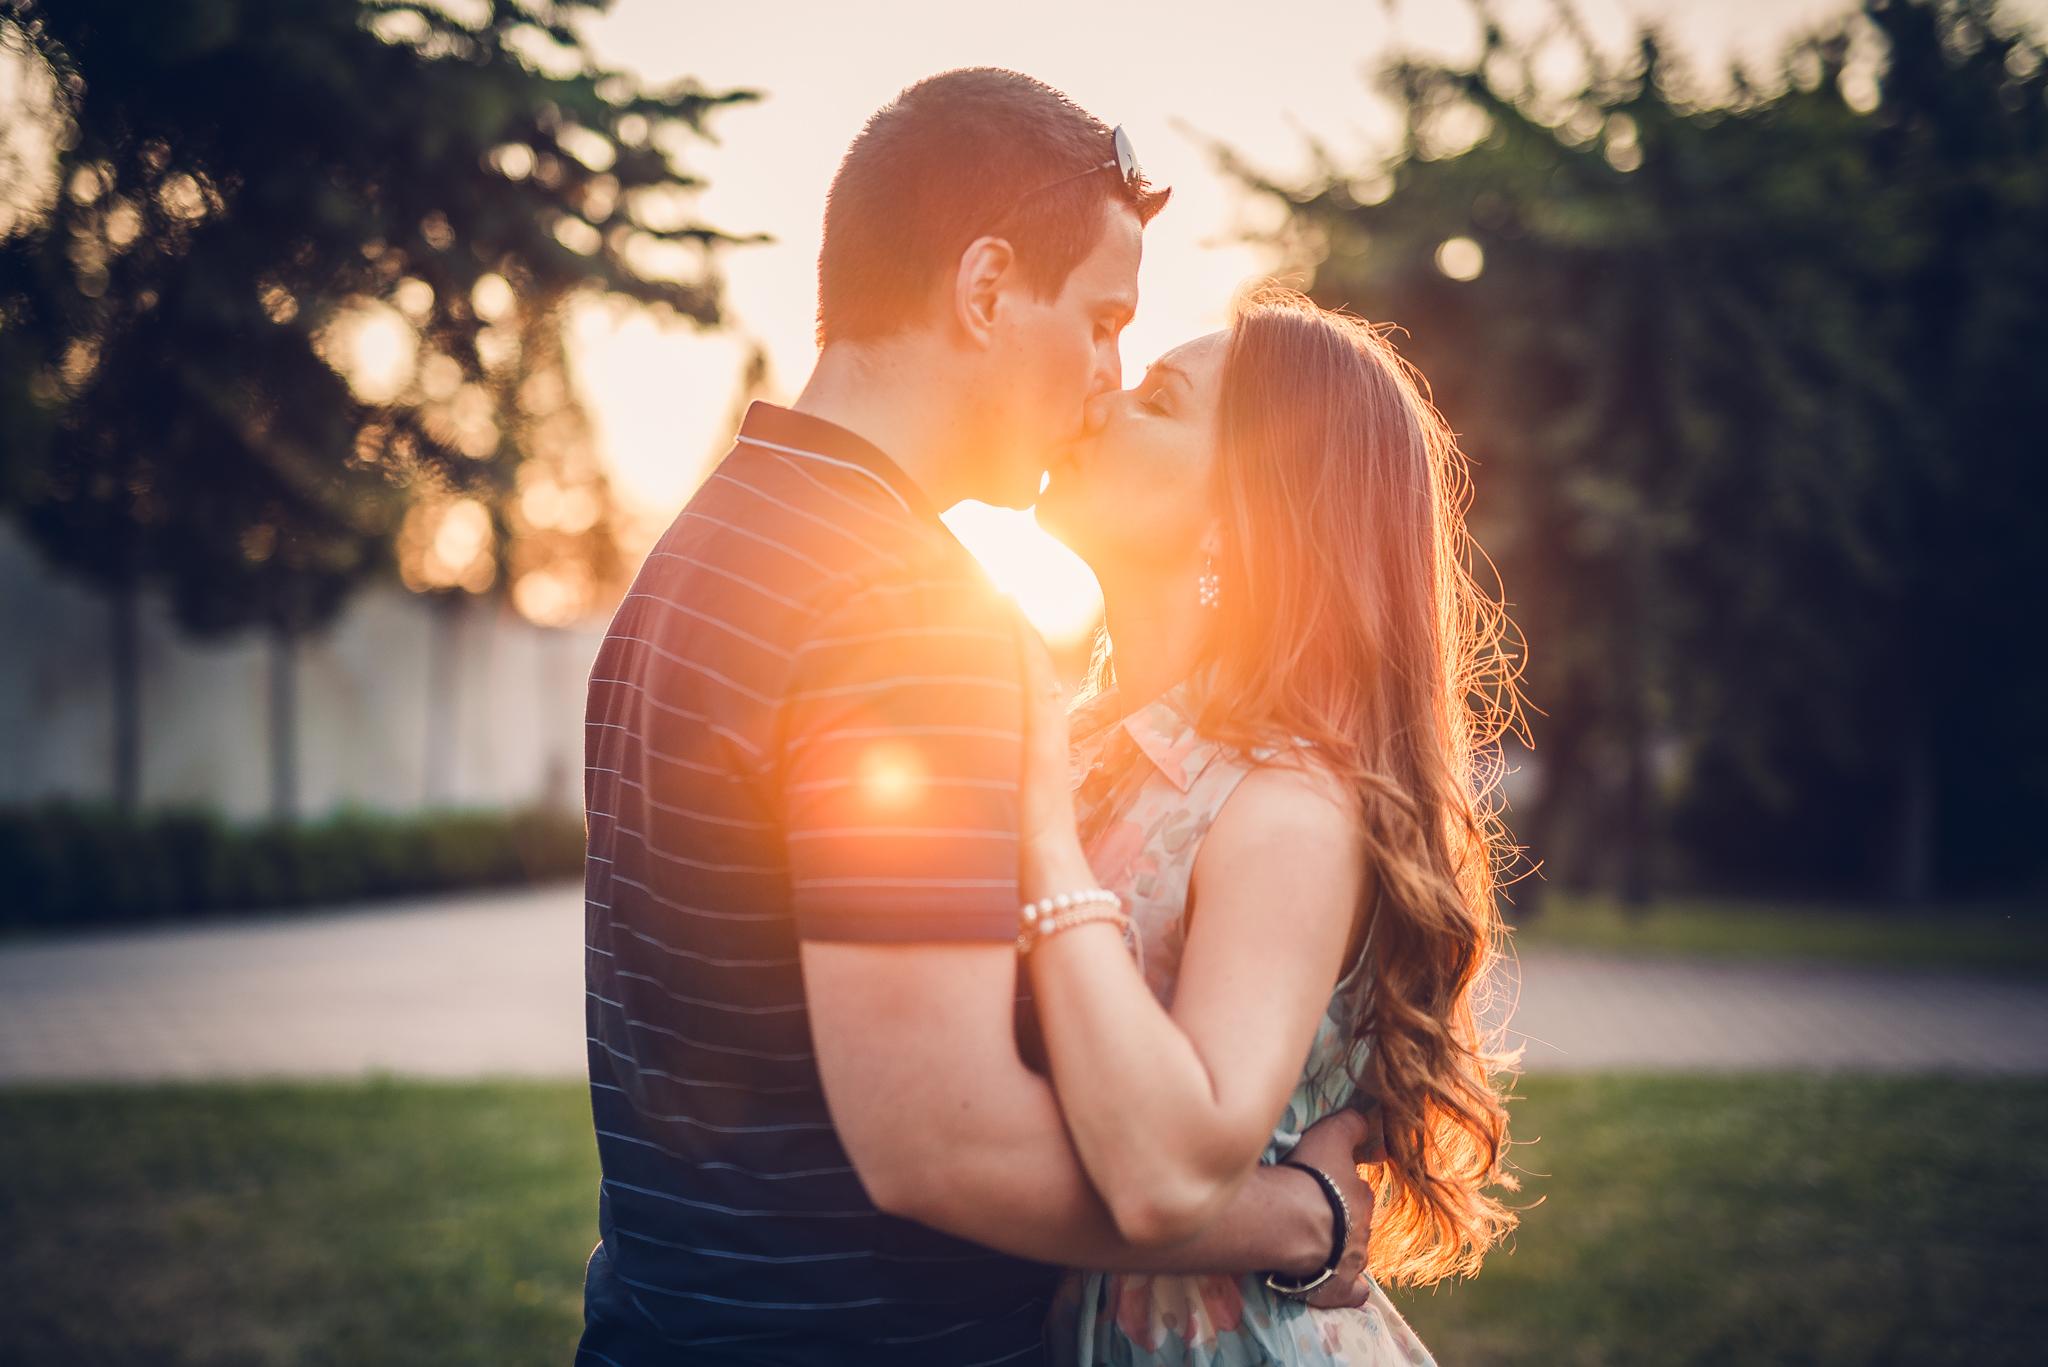 láska, príroda, love, západ slnka, sunset, romantika, bozk, kiss, radosť, zamilovaný pár, Slavín, Bratislava